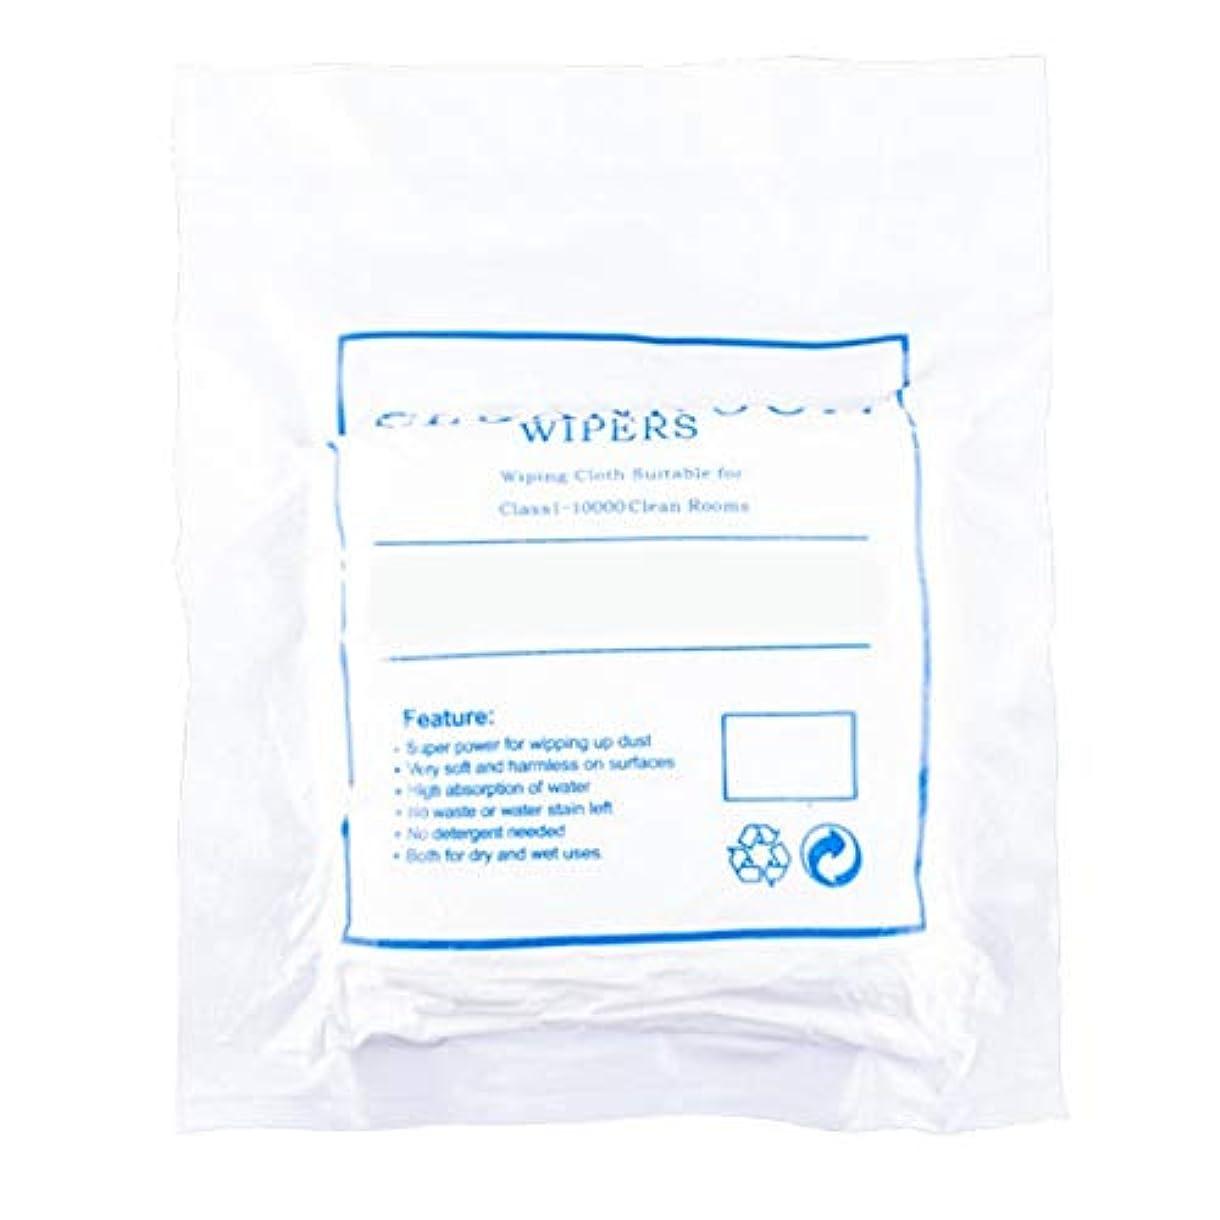 メディカルれる関与するほこりのない布のスクリーンクリーニングほこりのない布のほこりのない紙3009ホワイト4インチ400個/パッケージ